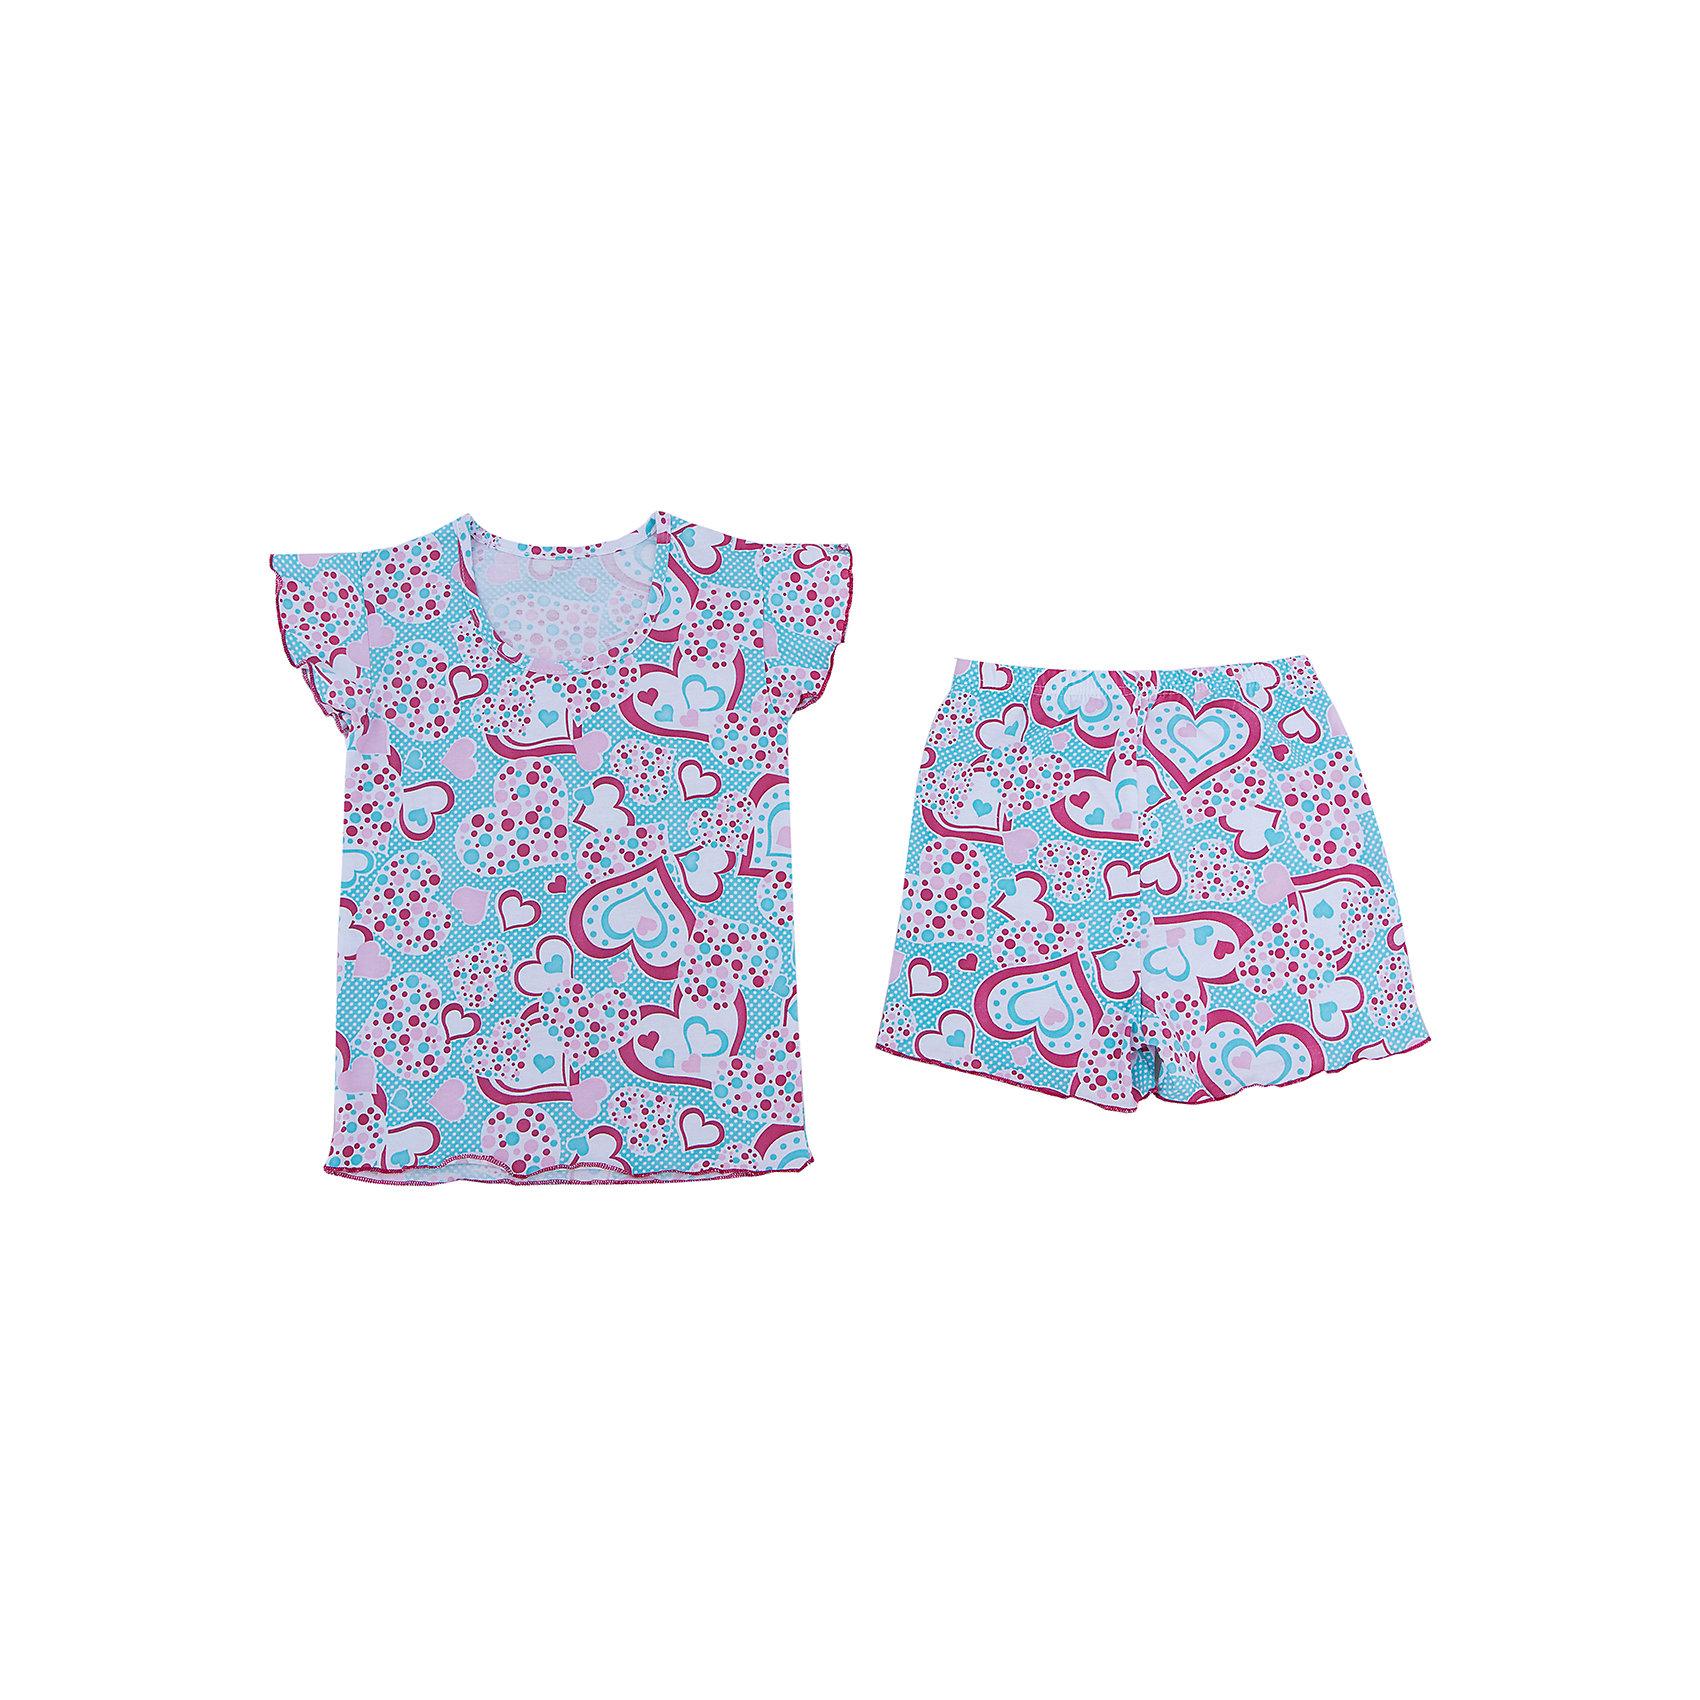 Пижама для девочки АпрельПижама для девочки Апрель.<br><br>Характеристики:<br>• состав: 100% хлопок<br>• цвет: розовый/голубой<br><br>Пижама для девочки от известной марки Апрель выполнена из мягкого хлопка, который подарит комфорт во время сна. Шортики и футболка имеют одинаковую расцветку в виде сердечек. Рукава футболки дополнены рюшами. В этой пижаме девочка увидит самые прекрасные сны!<br><br>Пижаму для девочки Апрель вы можете купить в нашем интернет-магазине.<br><br>Ширина мм: 281<br>Глубина мм: 70<br>Высота мм: 188<br>Вес г: 295<br>Цвет: розовый/голубой<br>Возраст от месяцев: 48<br>Возраст до месяцев: 60<br>Пол: Женский<br>Возраст: Детский<br>Размер: 110,146,104,116,122,128,134,140<br>SKU: 4936767